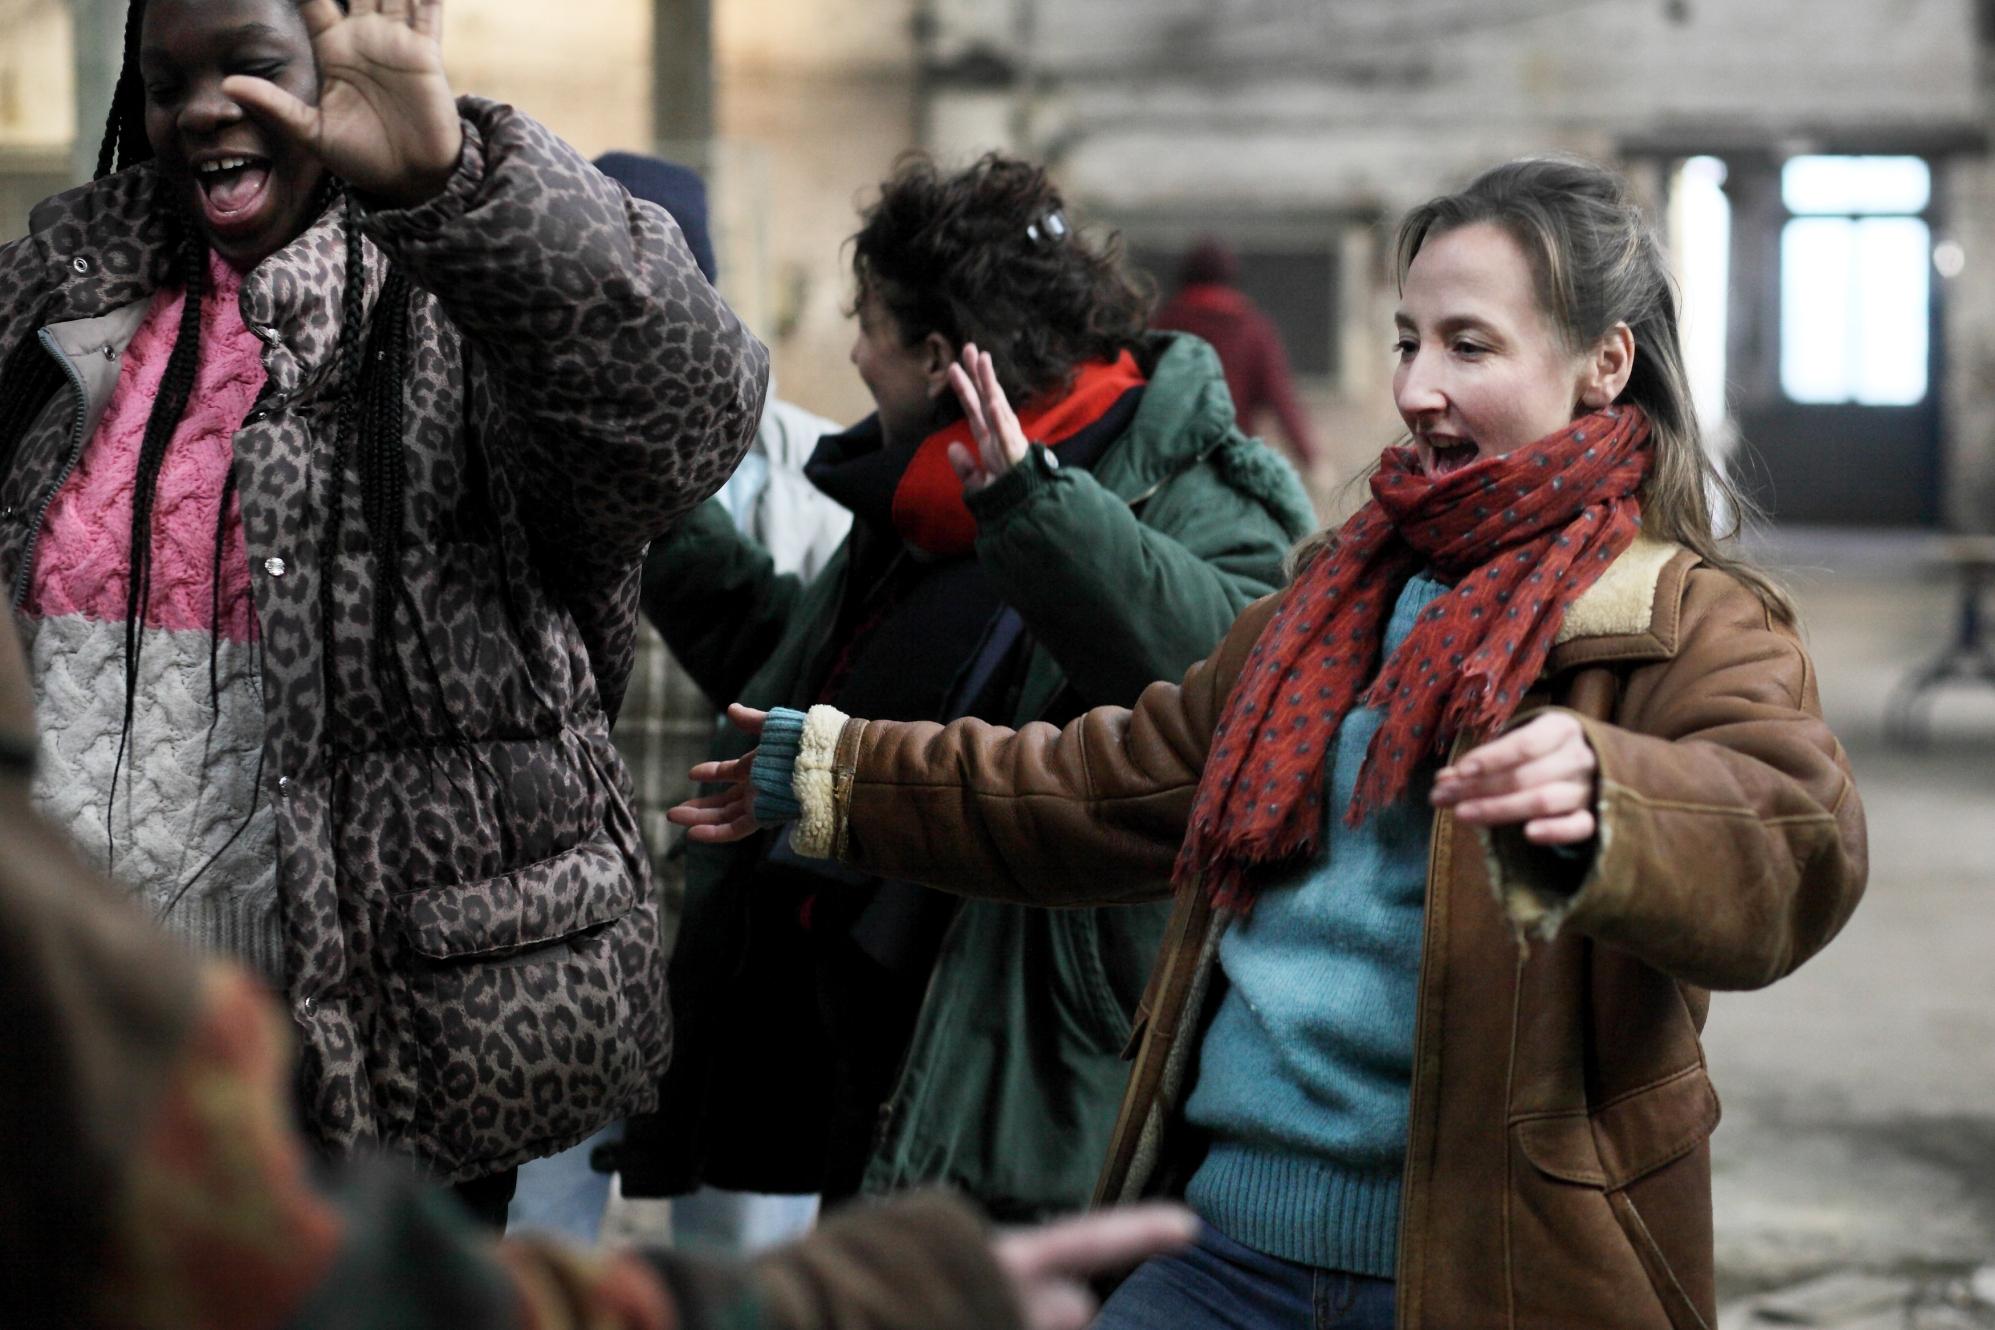 Le Invisibili: Audrey Lamy in una scena del film